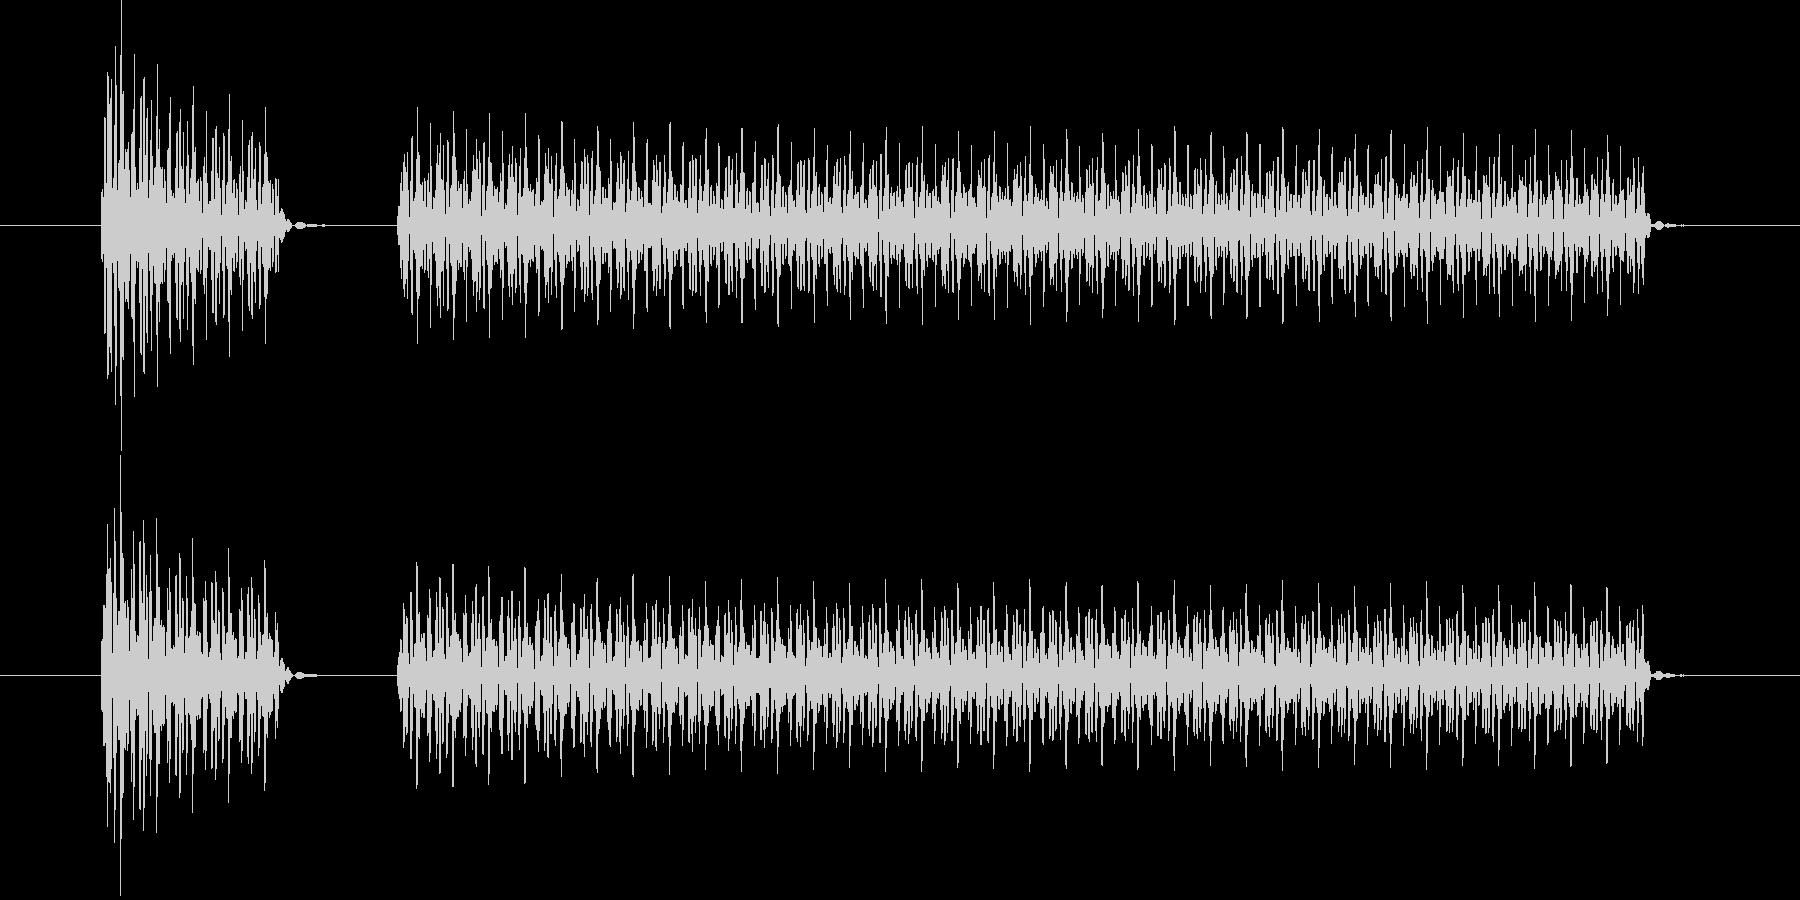 ブブー(クイズ・不正解・ブザー音)02の未再生の波形